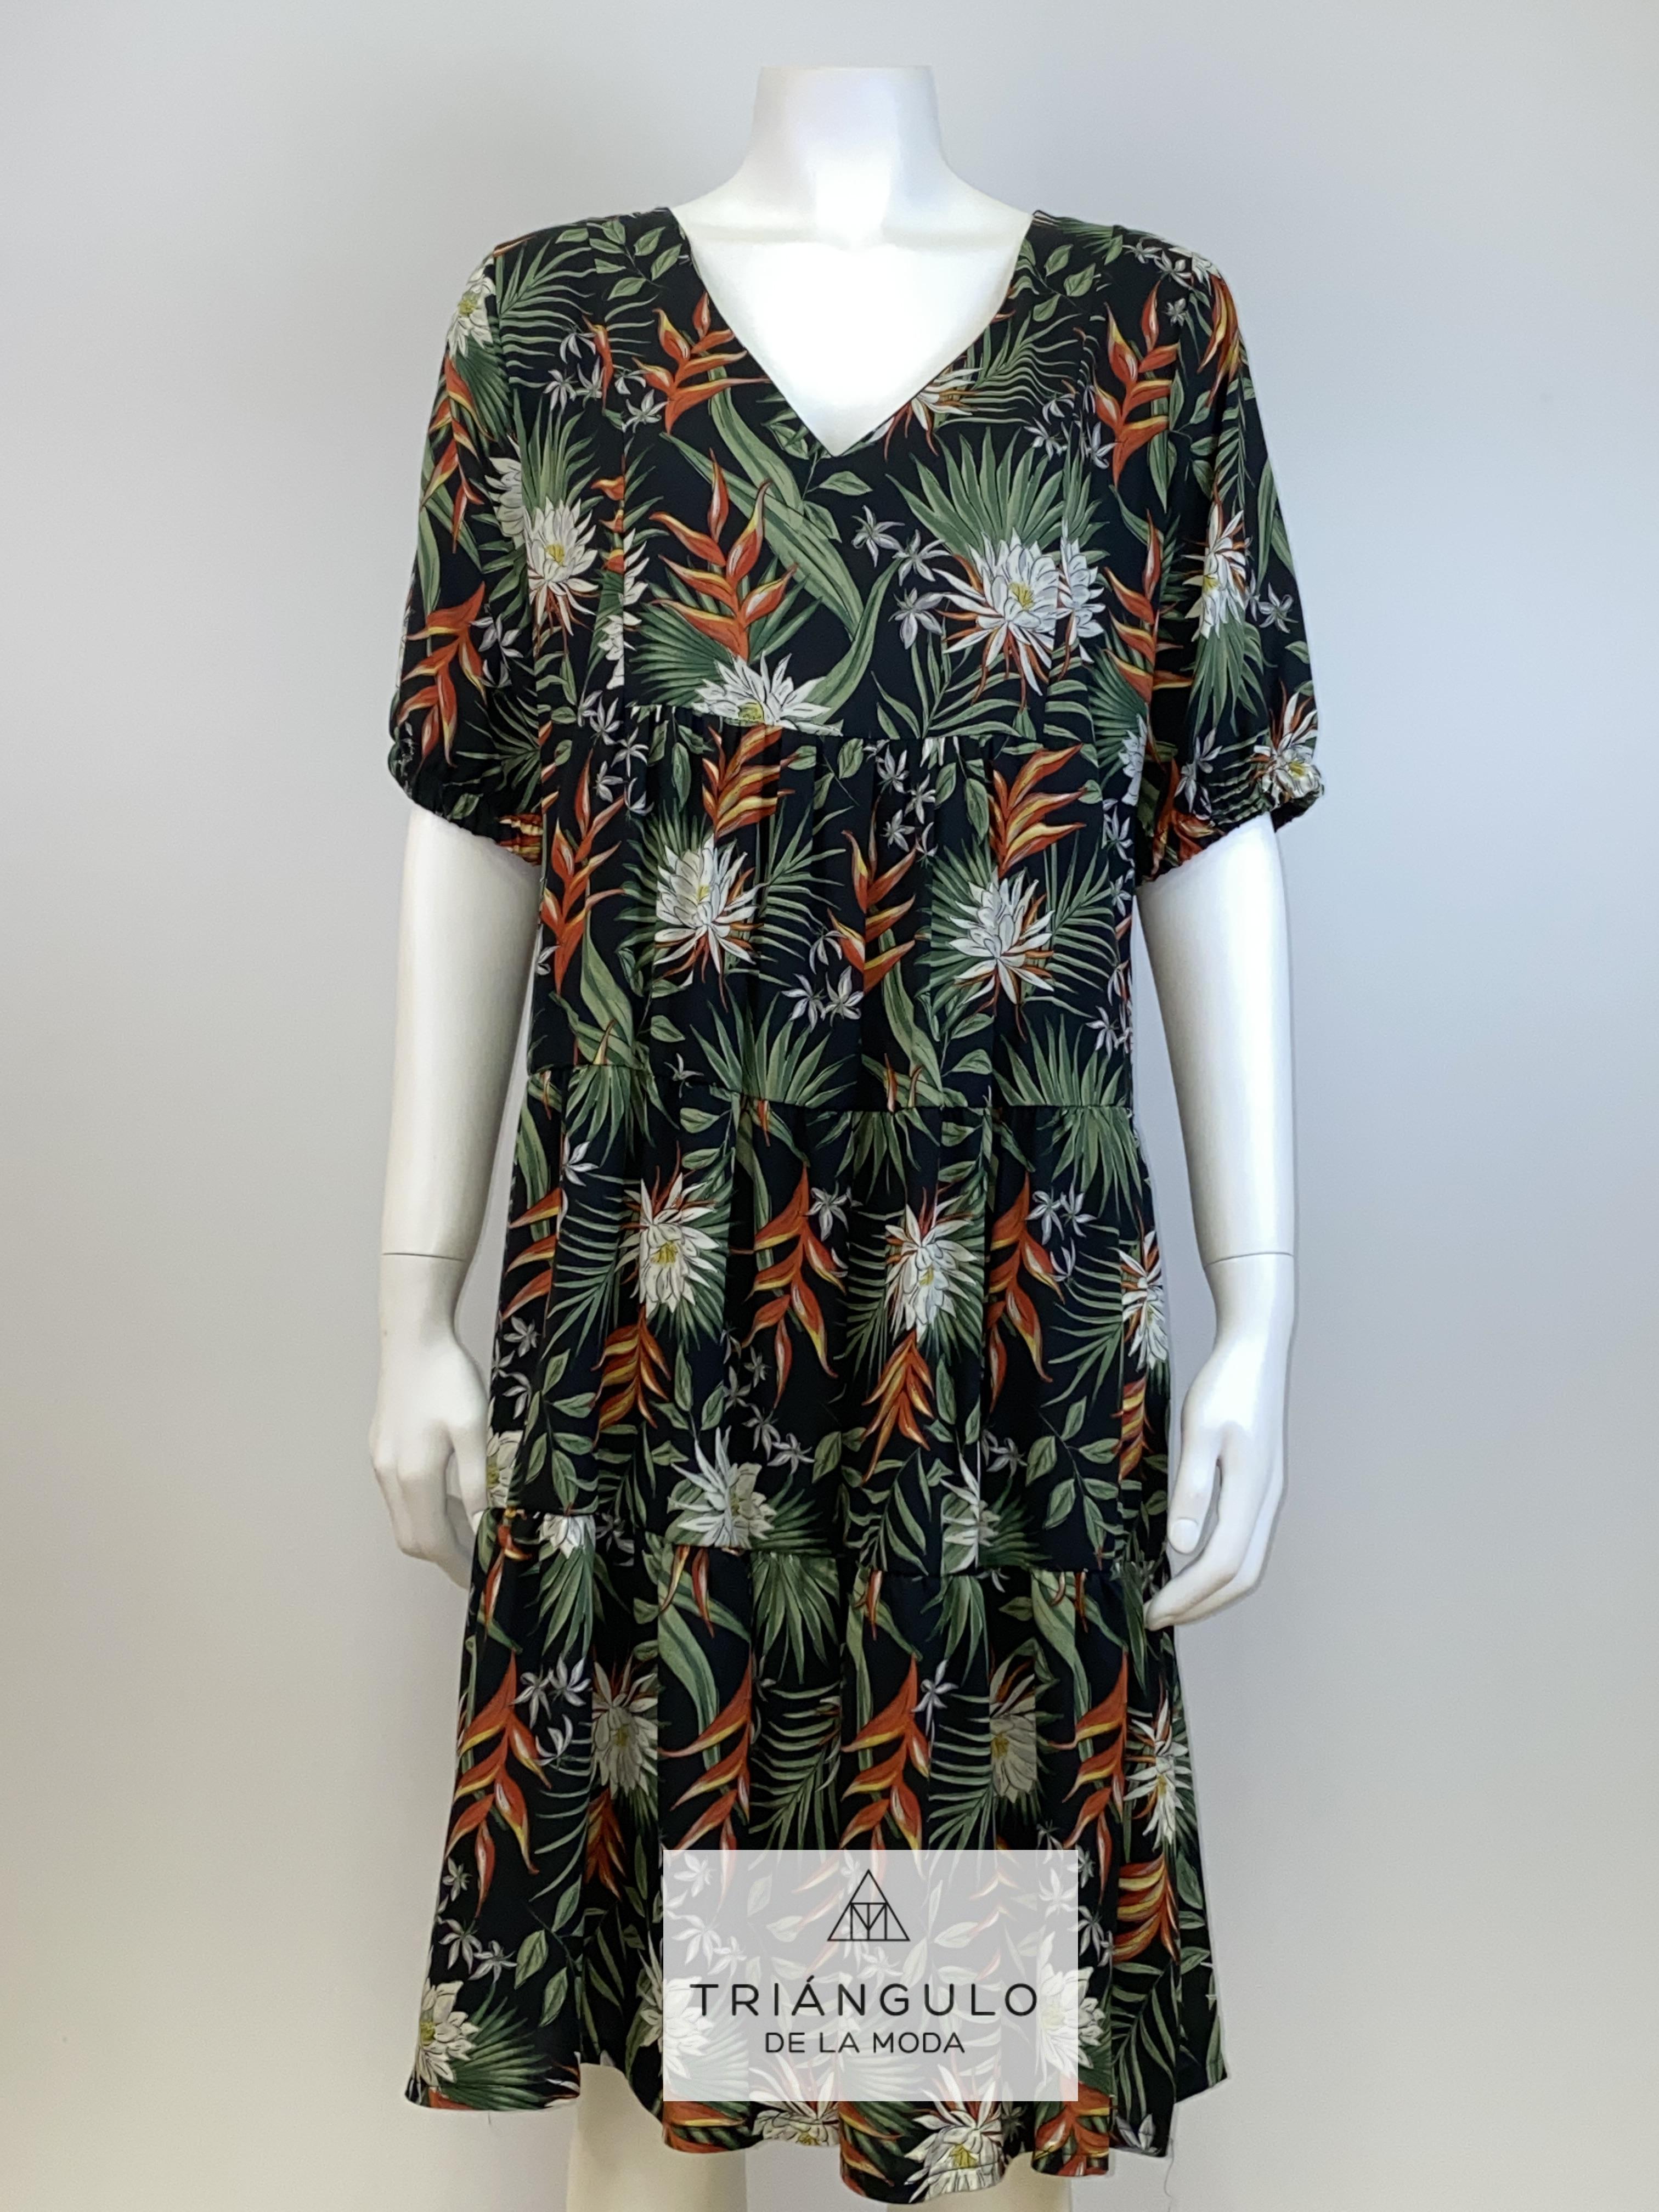 Tienda online del Triangulo de la Moda vestido estampado